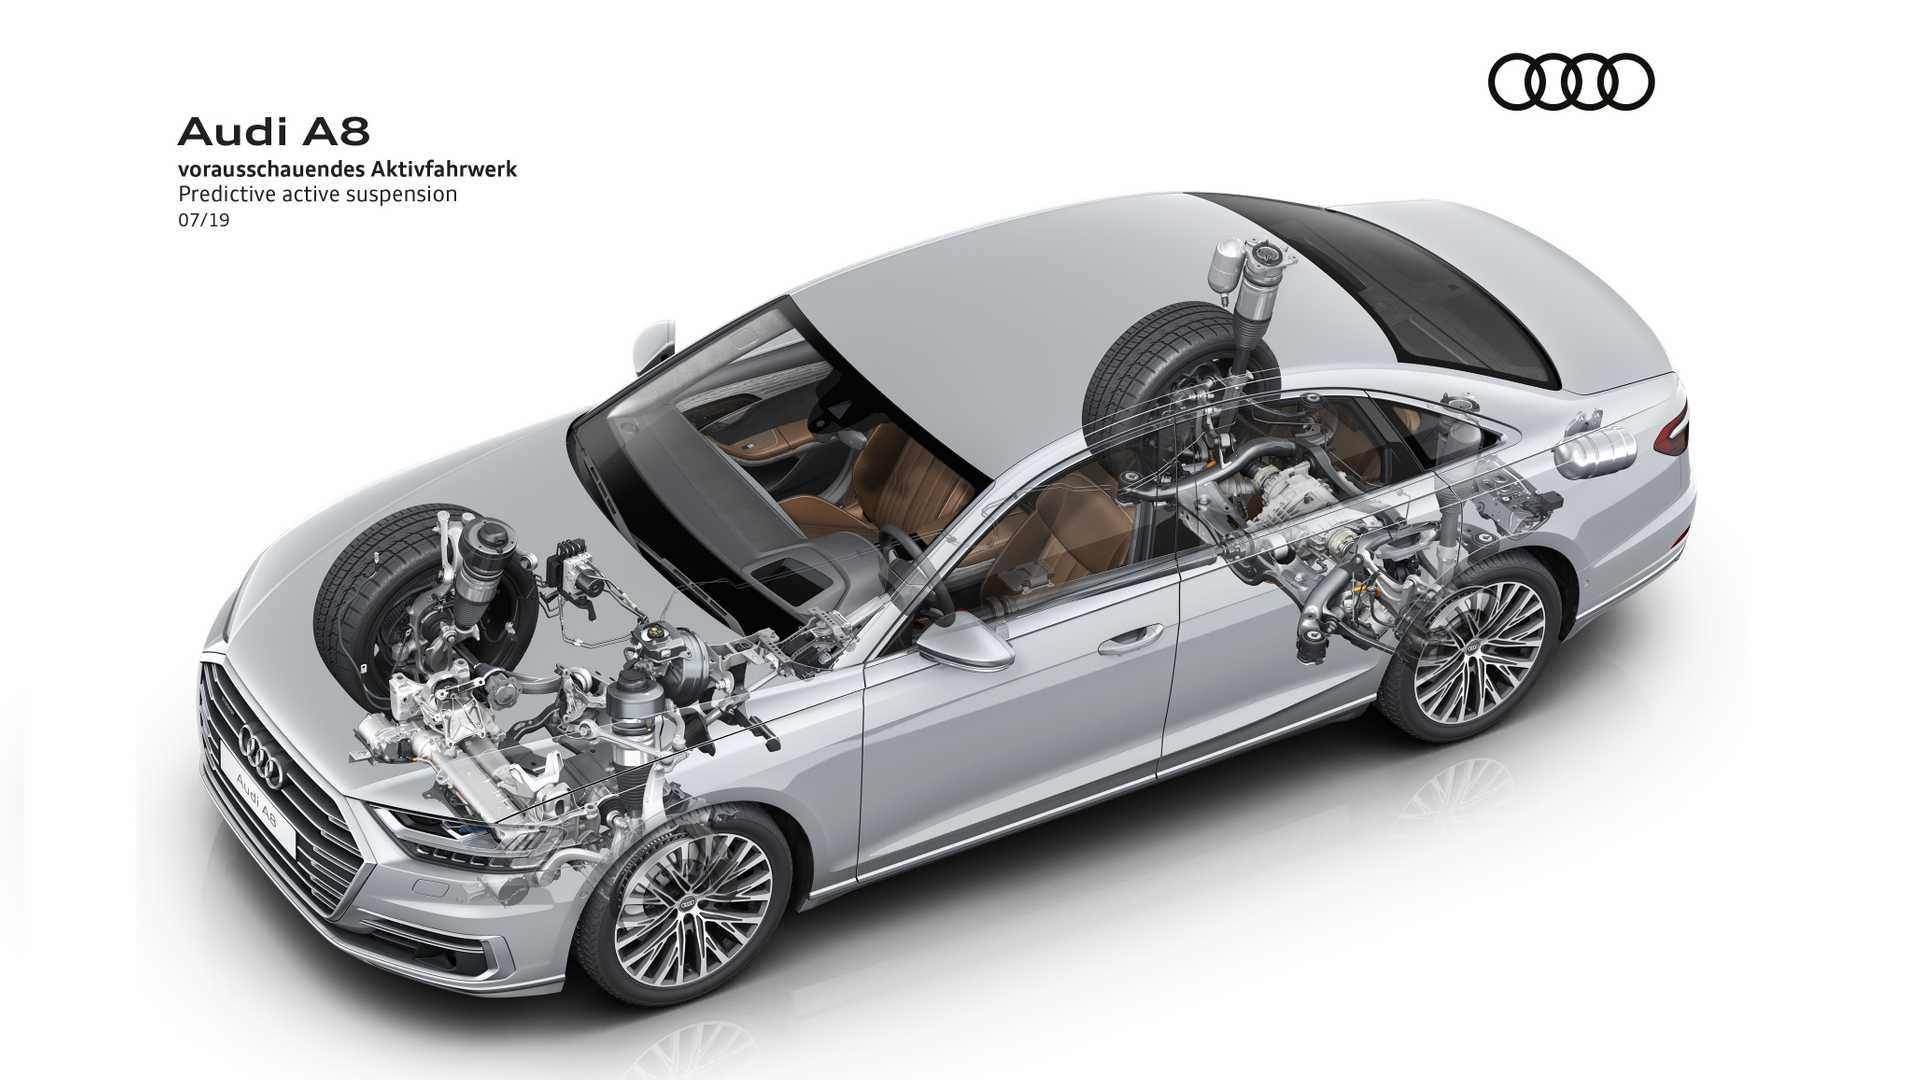 Audi оснастила A8 умной подвеской 1